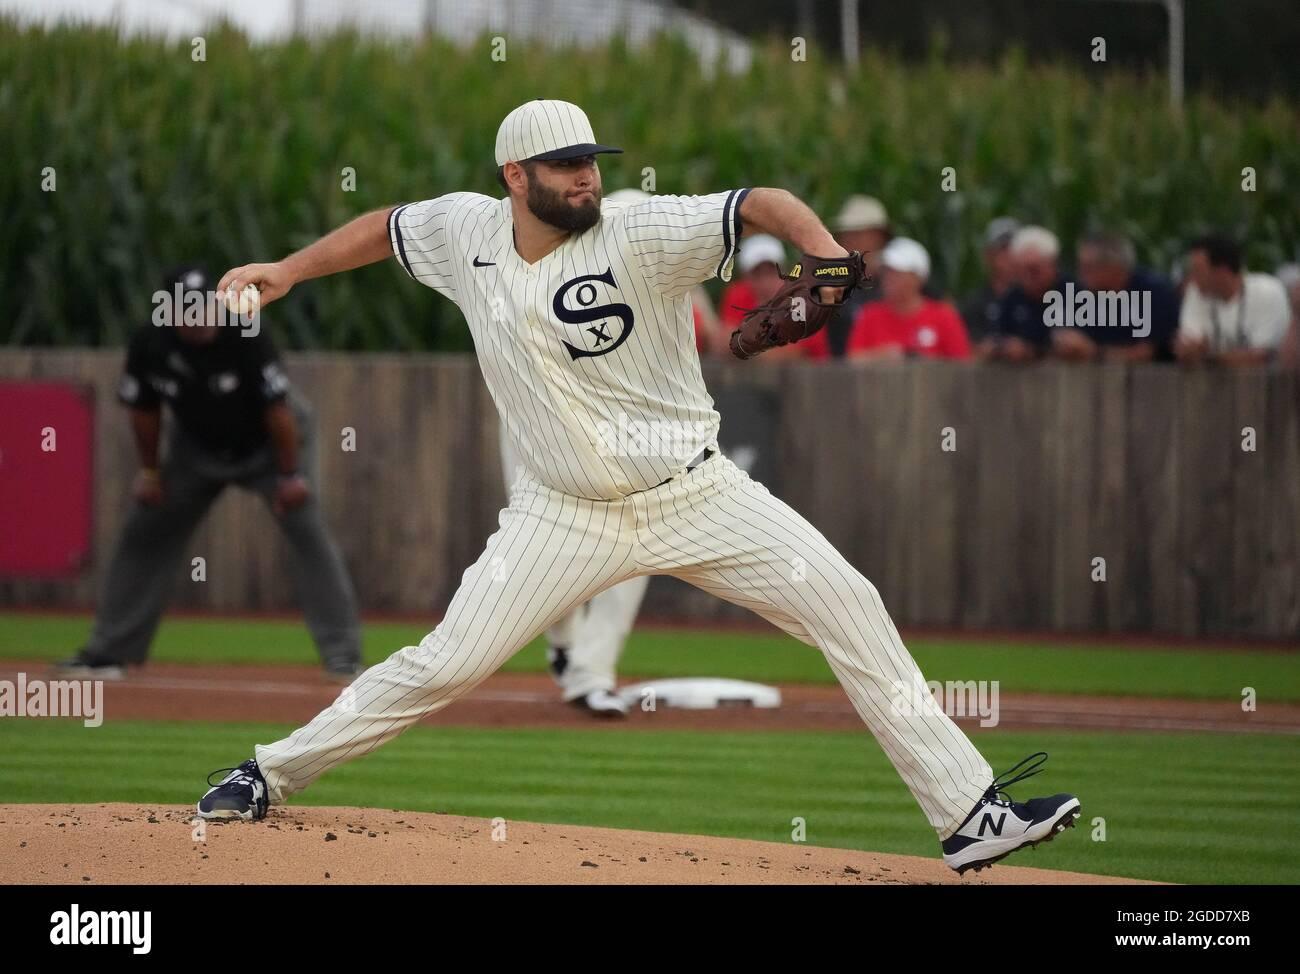 Dyersville, Usa. August 2021. Chicago White Sox Startkannen Lance Lynn (33) liefert an die New York Yankees während des ersten Innings des MLB Field of Dreams Game in Dyersville, Iowa, Donnerstag, 12. August 2021. Foto von Pat Benic/UPI Credit: UPI/Alamy Live News Stockfoto